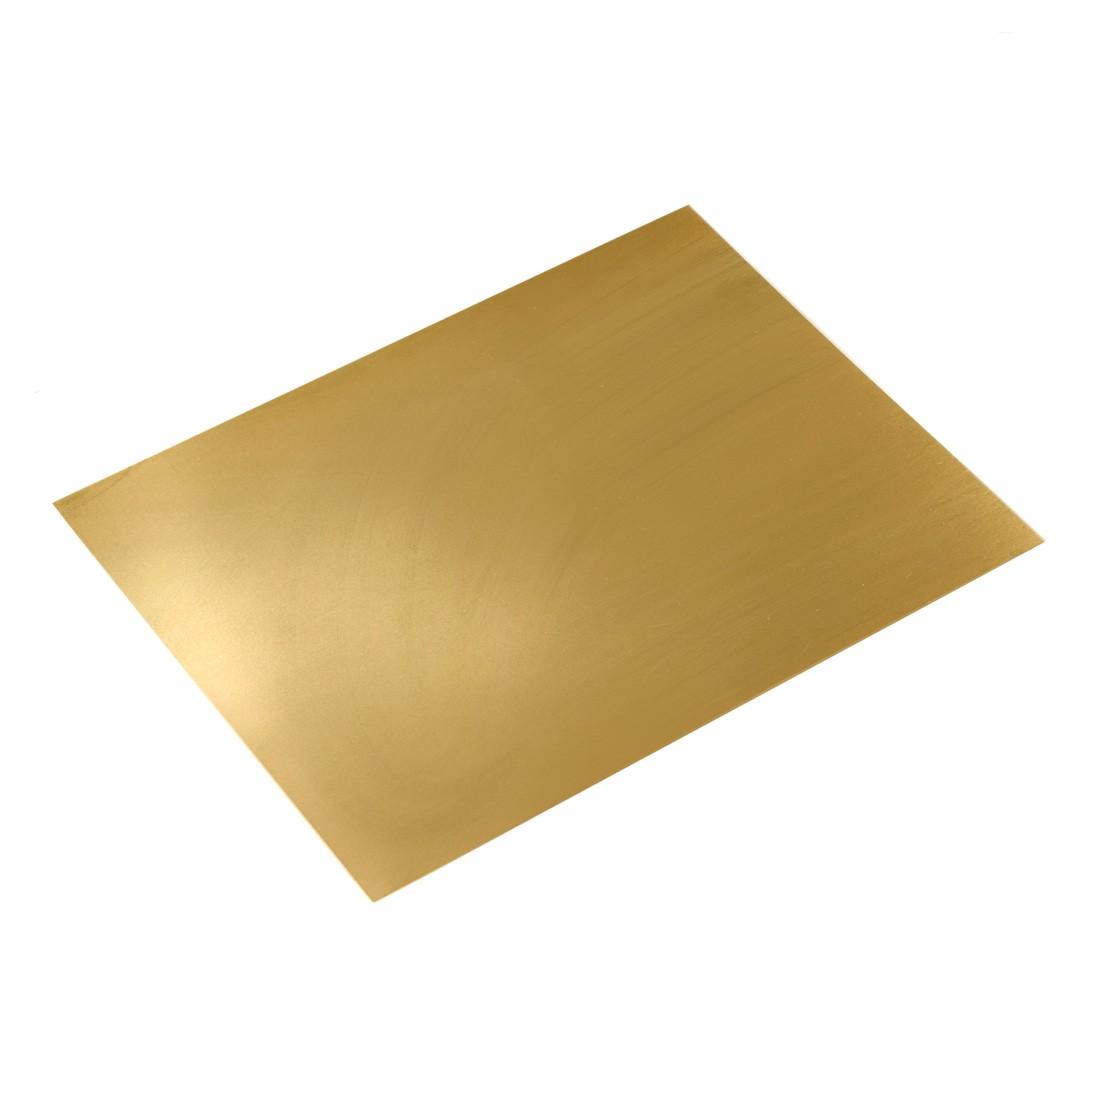 Planchas de latón 0,2 mm.220x170